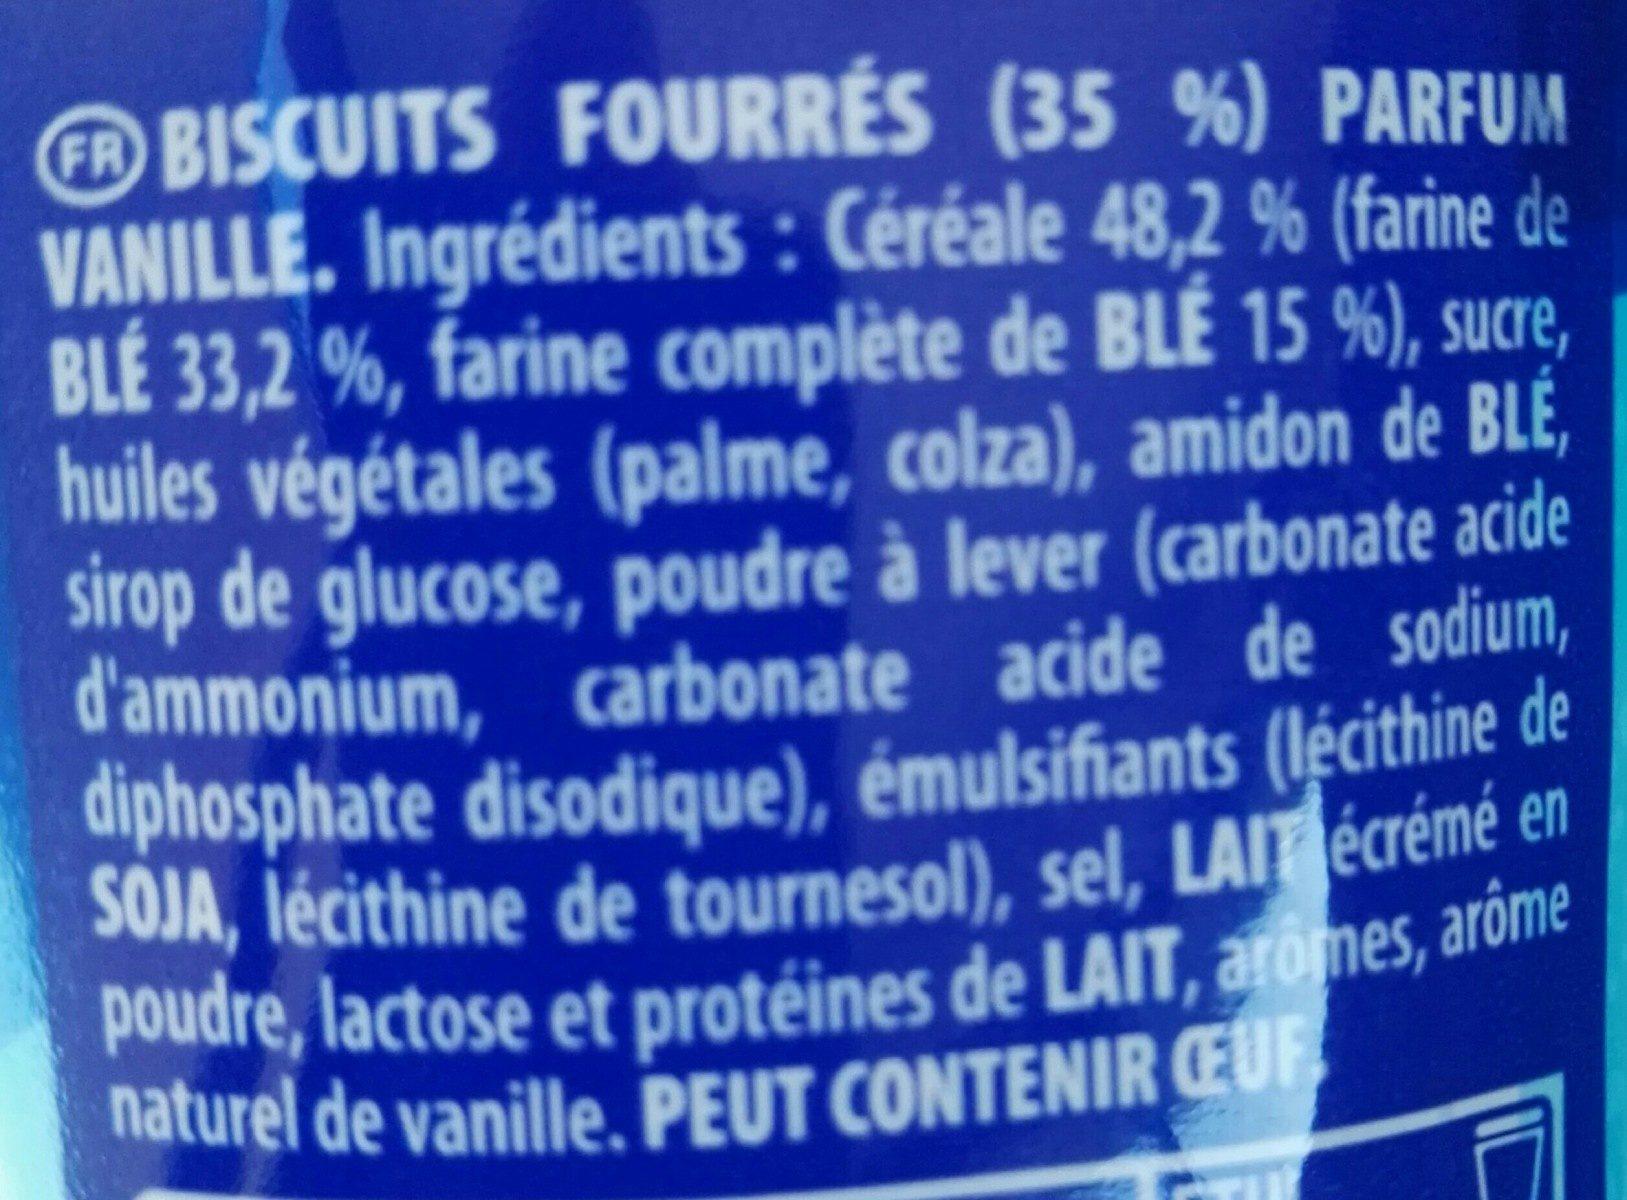 Prince Goût Vanille - Ingredients - fr